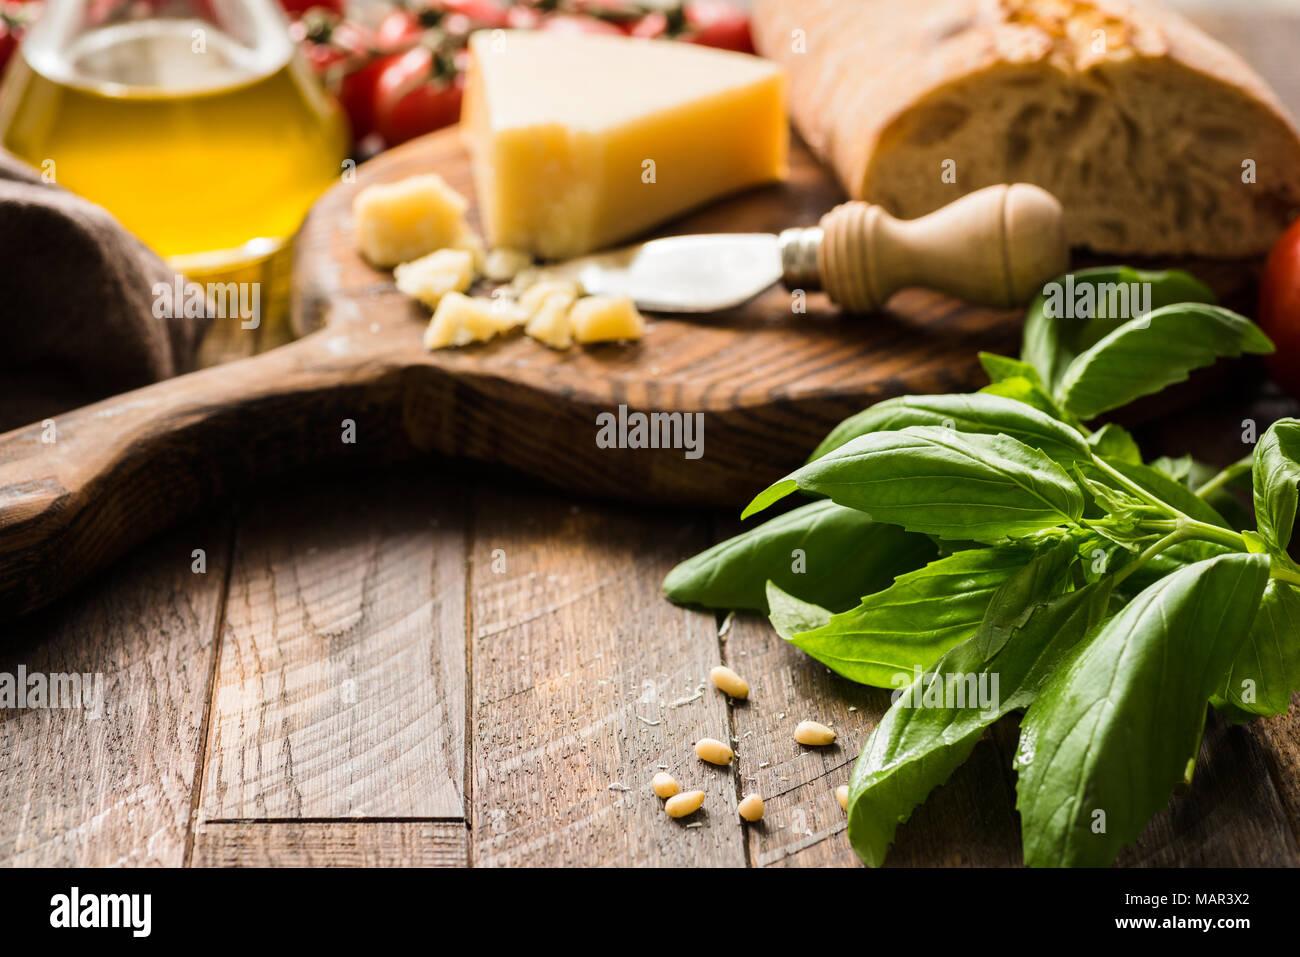 Arrière-plan de l'alimentation italienne au parmesan, l'huile d'olive, les feuilles de basilic et de ciabatta sur bois rustique. L'espace pour copier du texte, selective focus Banque D'Images